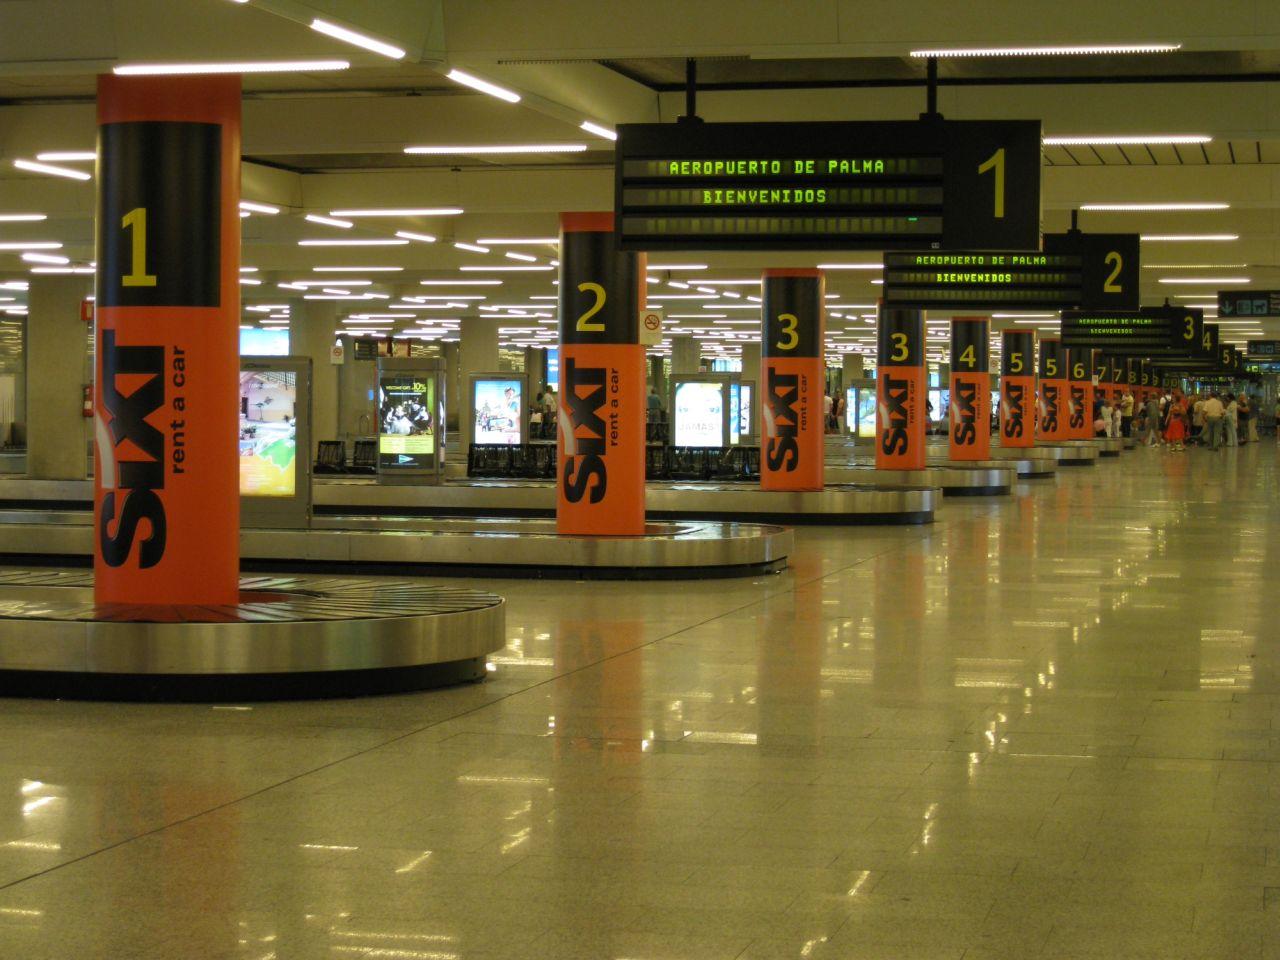 Llegadas de vuelos aeropuerto de palma de mallorca aeropuertos net - Alquiler coche puerto palma de mallorca ...